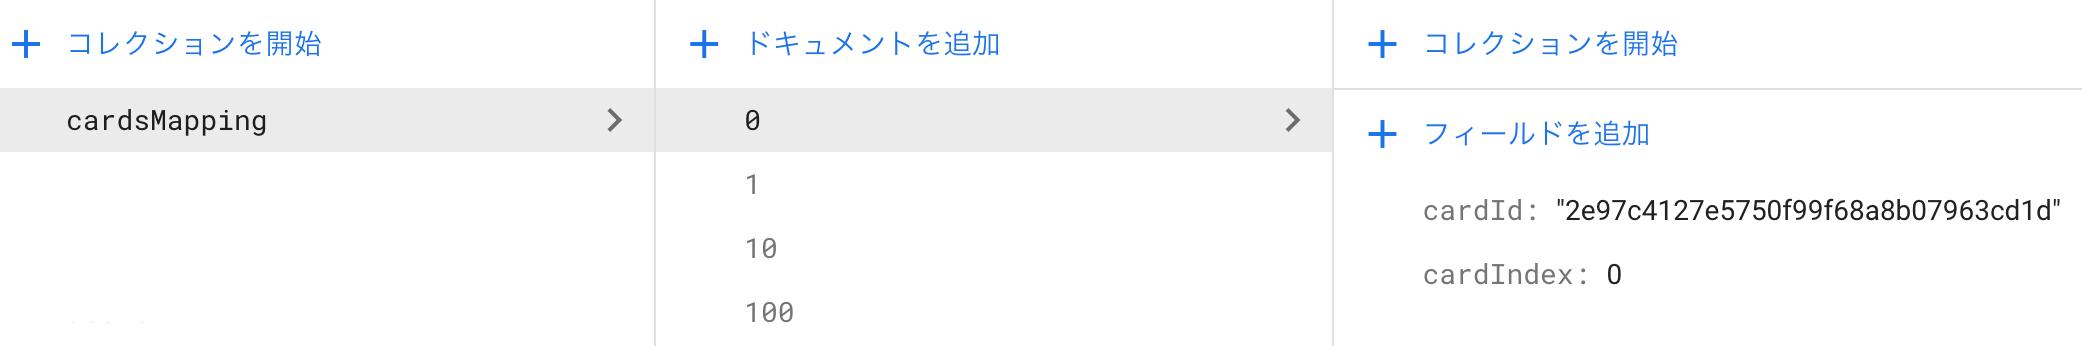 スクリーンショット 2019-12-20 1.52.46.png